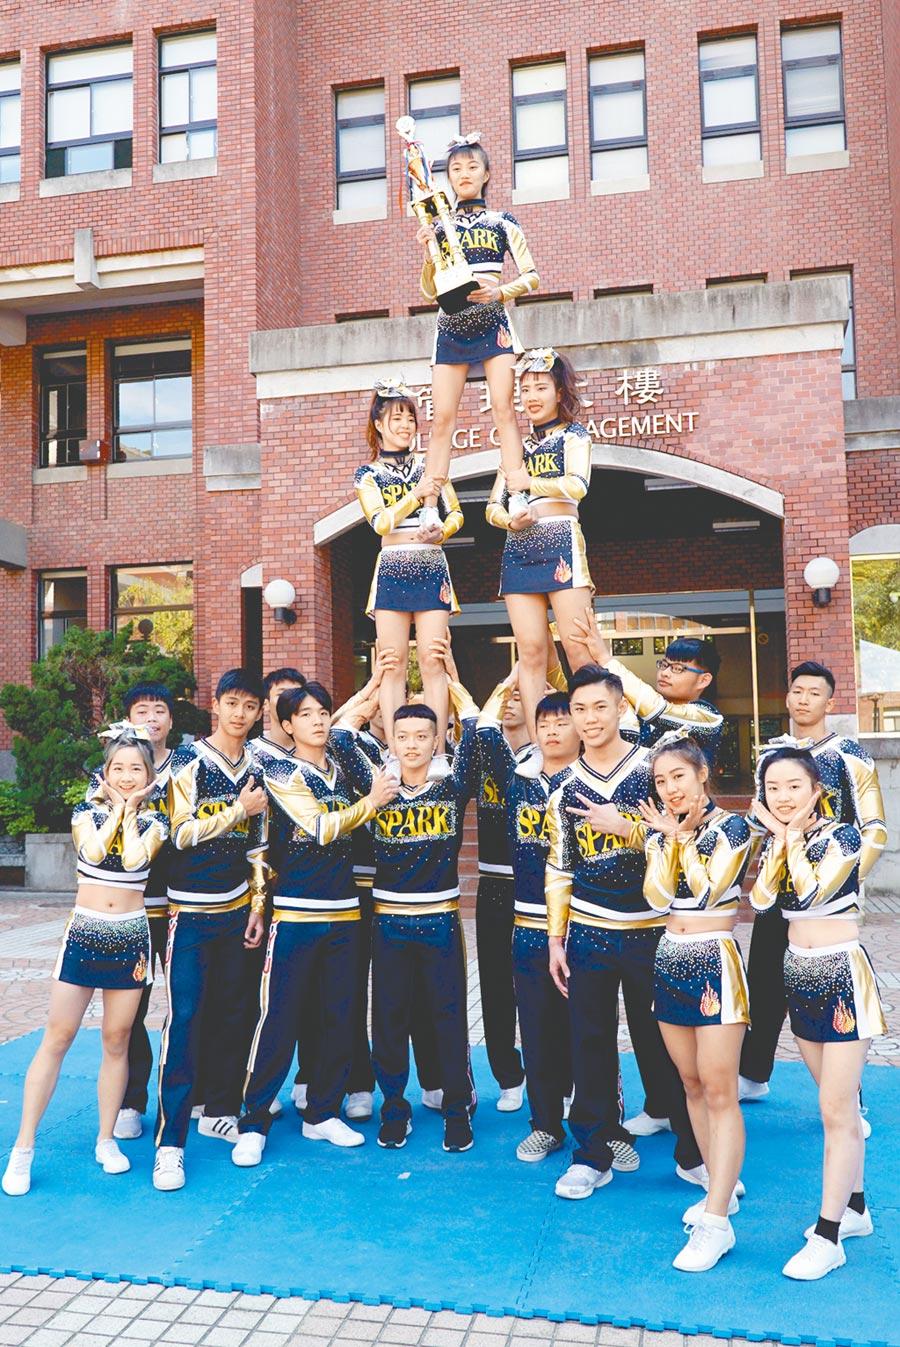 大葉大學SPARK競技啦啦隊參加全國啦啦隊錦標賽,抱回3座獎盃。(大葉大學提供/吳建輝彰化傳真)